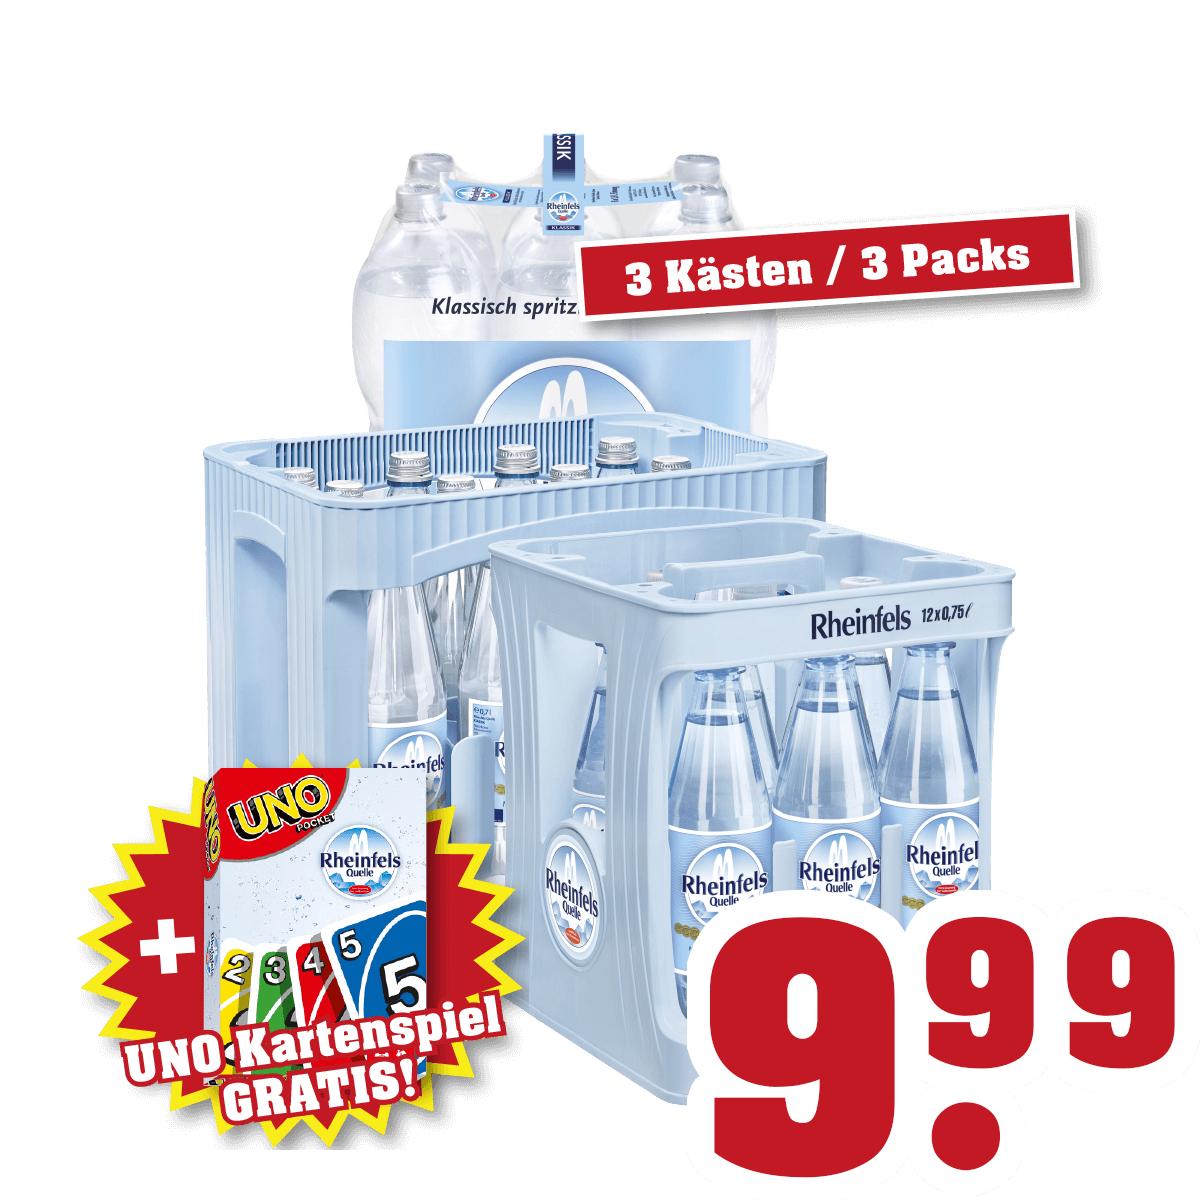 [Trinkgut] Gratis UNO Kartenspiel beim Kauf von 3 Kästen Rheinfels Mineralwasser